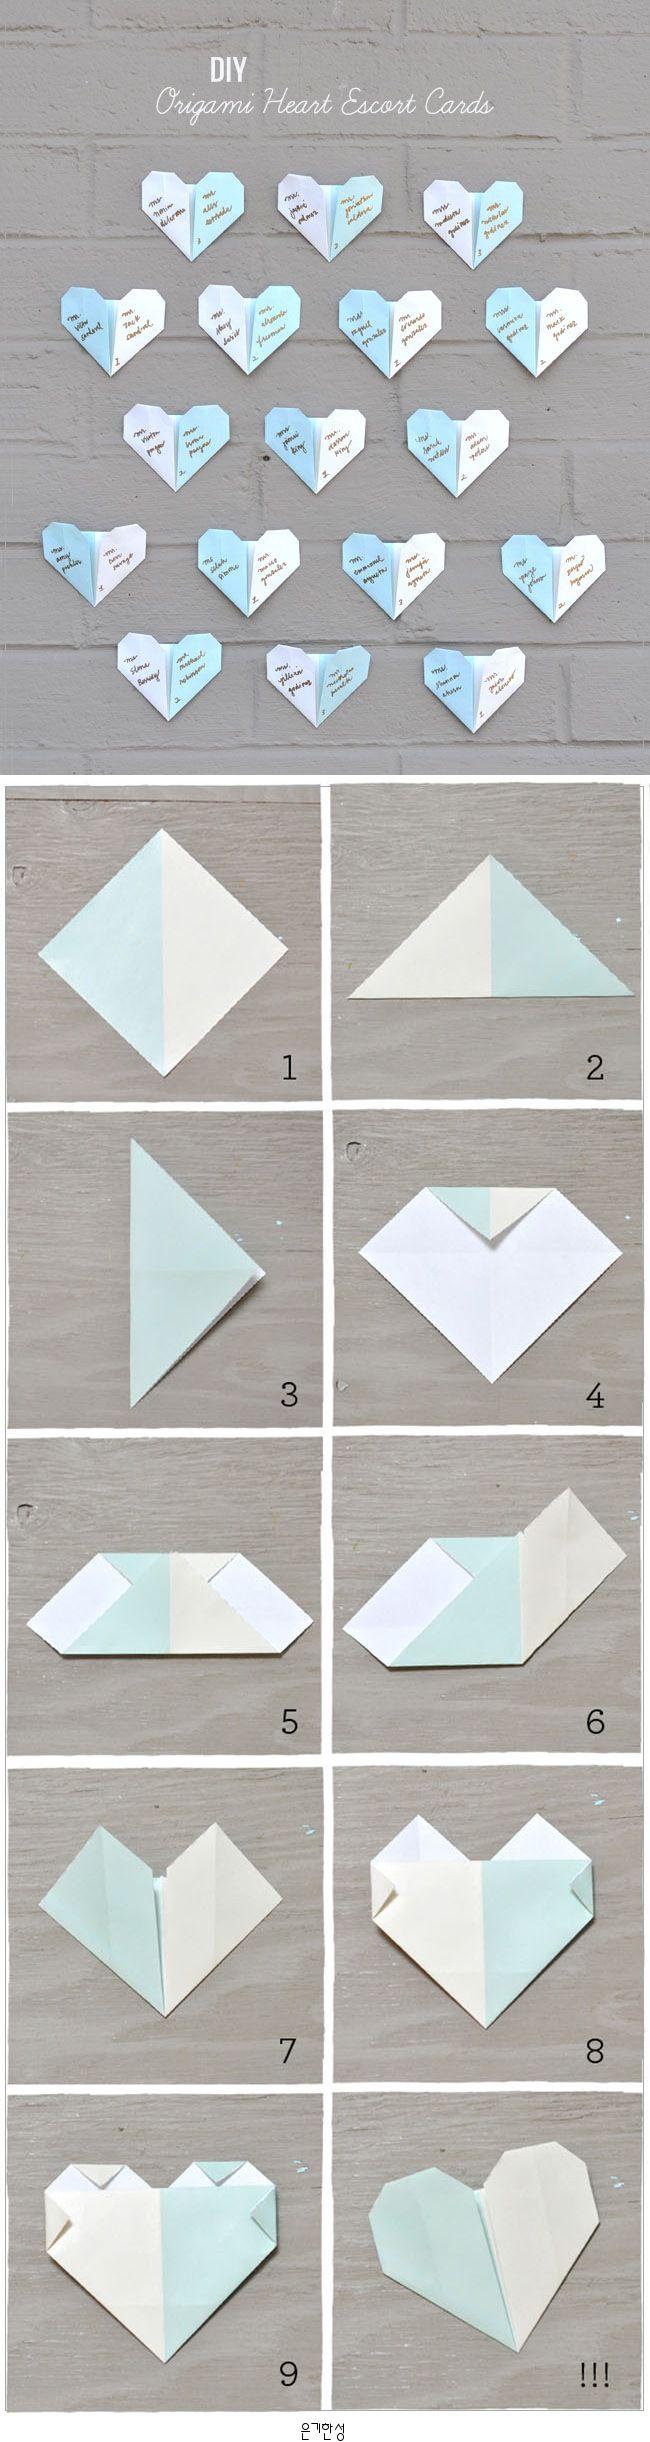 DIY: ORIGAMI HEART ESCORT CARDS  하트 종이접기